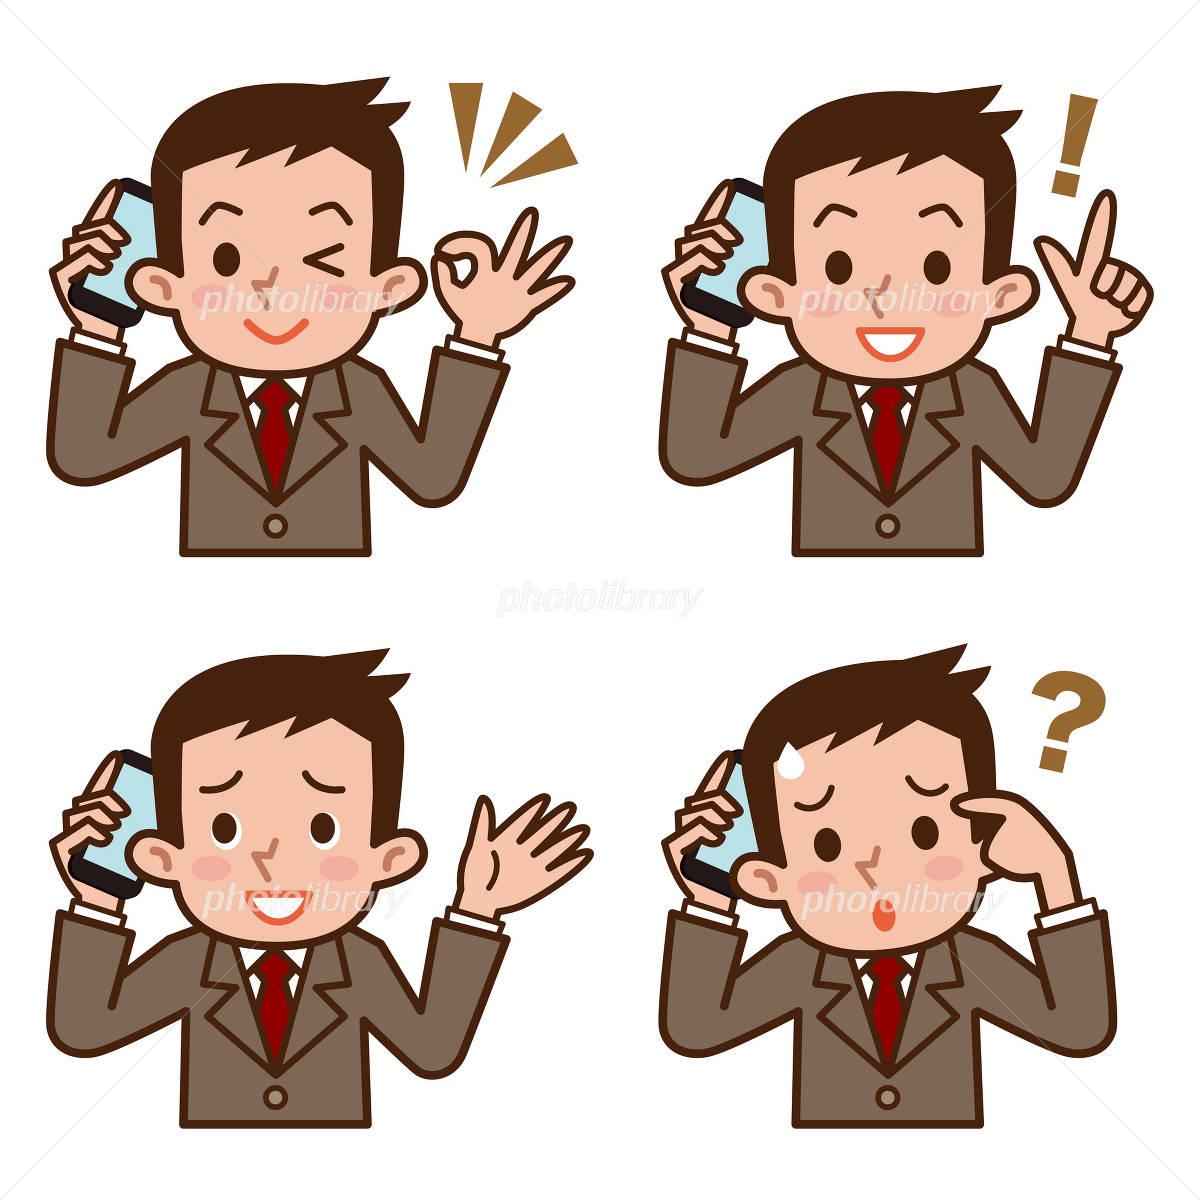 眼精疲労に悩むスマートフォンを持った男性 イラスト素材 ...